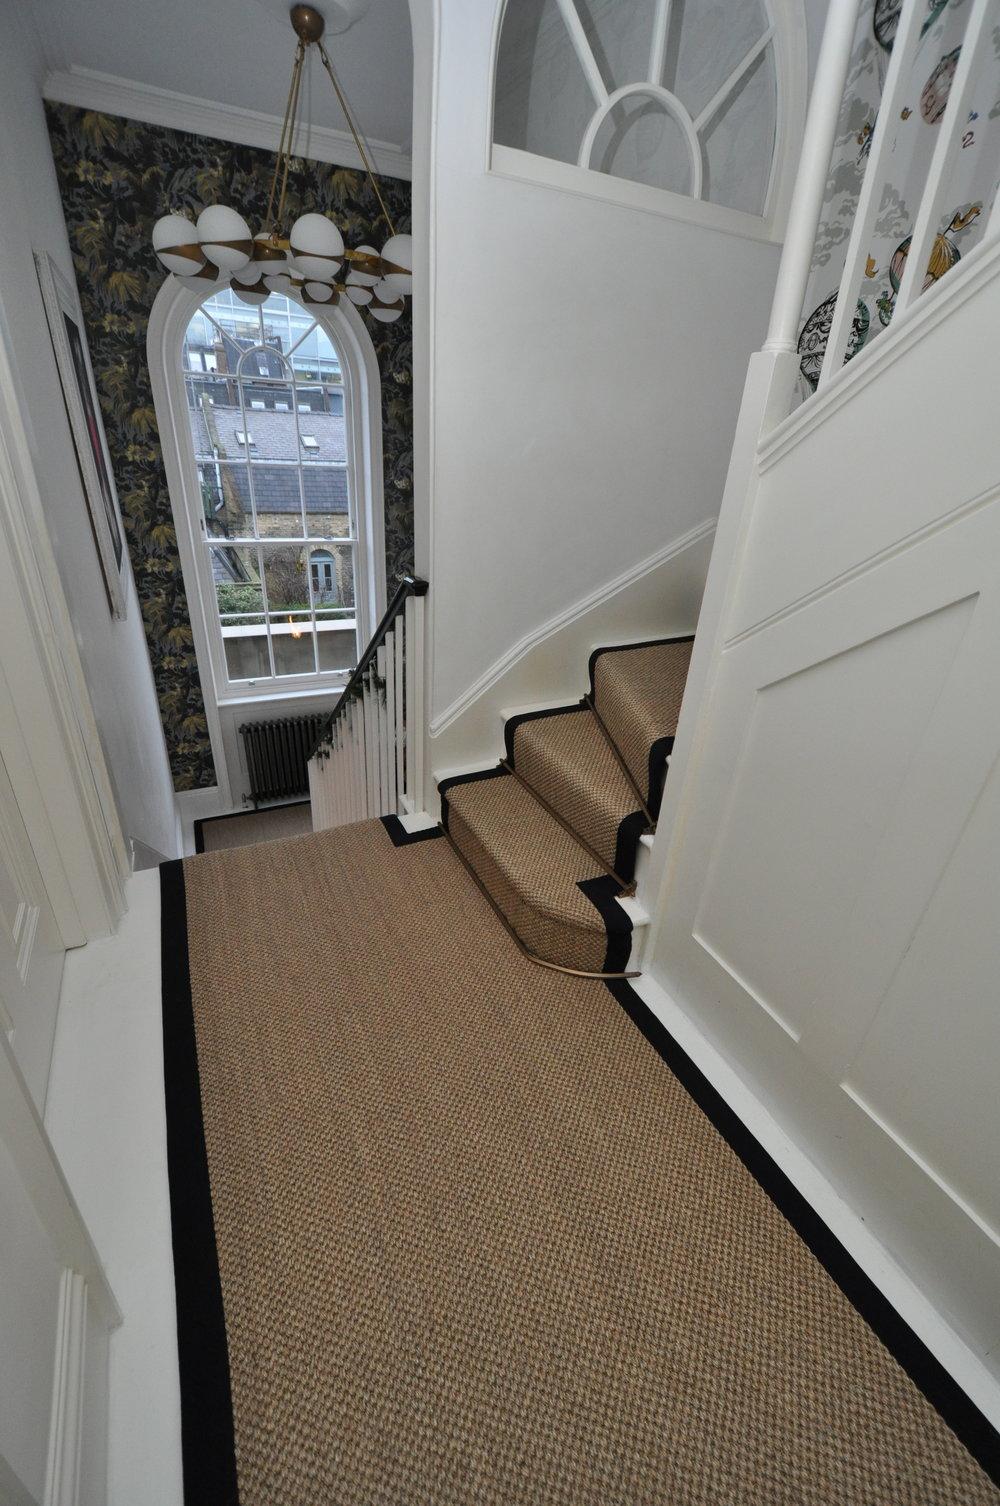 flatweave-stair-runners-london-bowloom-carpet-geometric-off-the-loom-DSC_1441.jpg